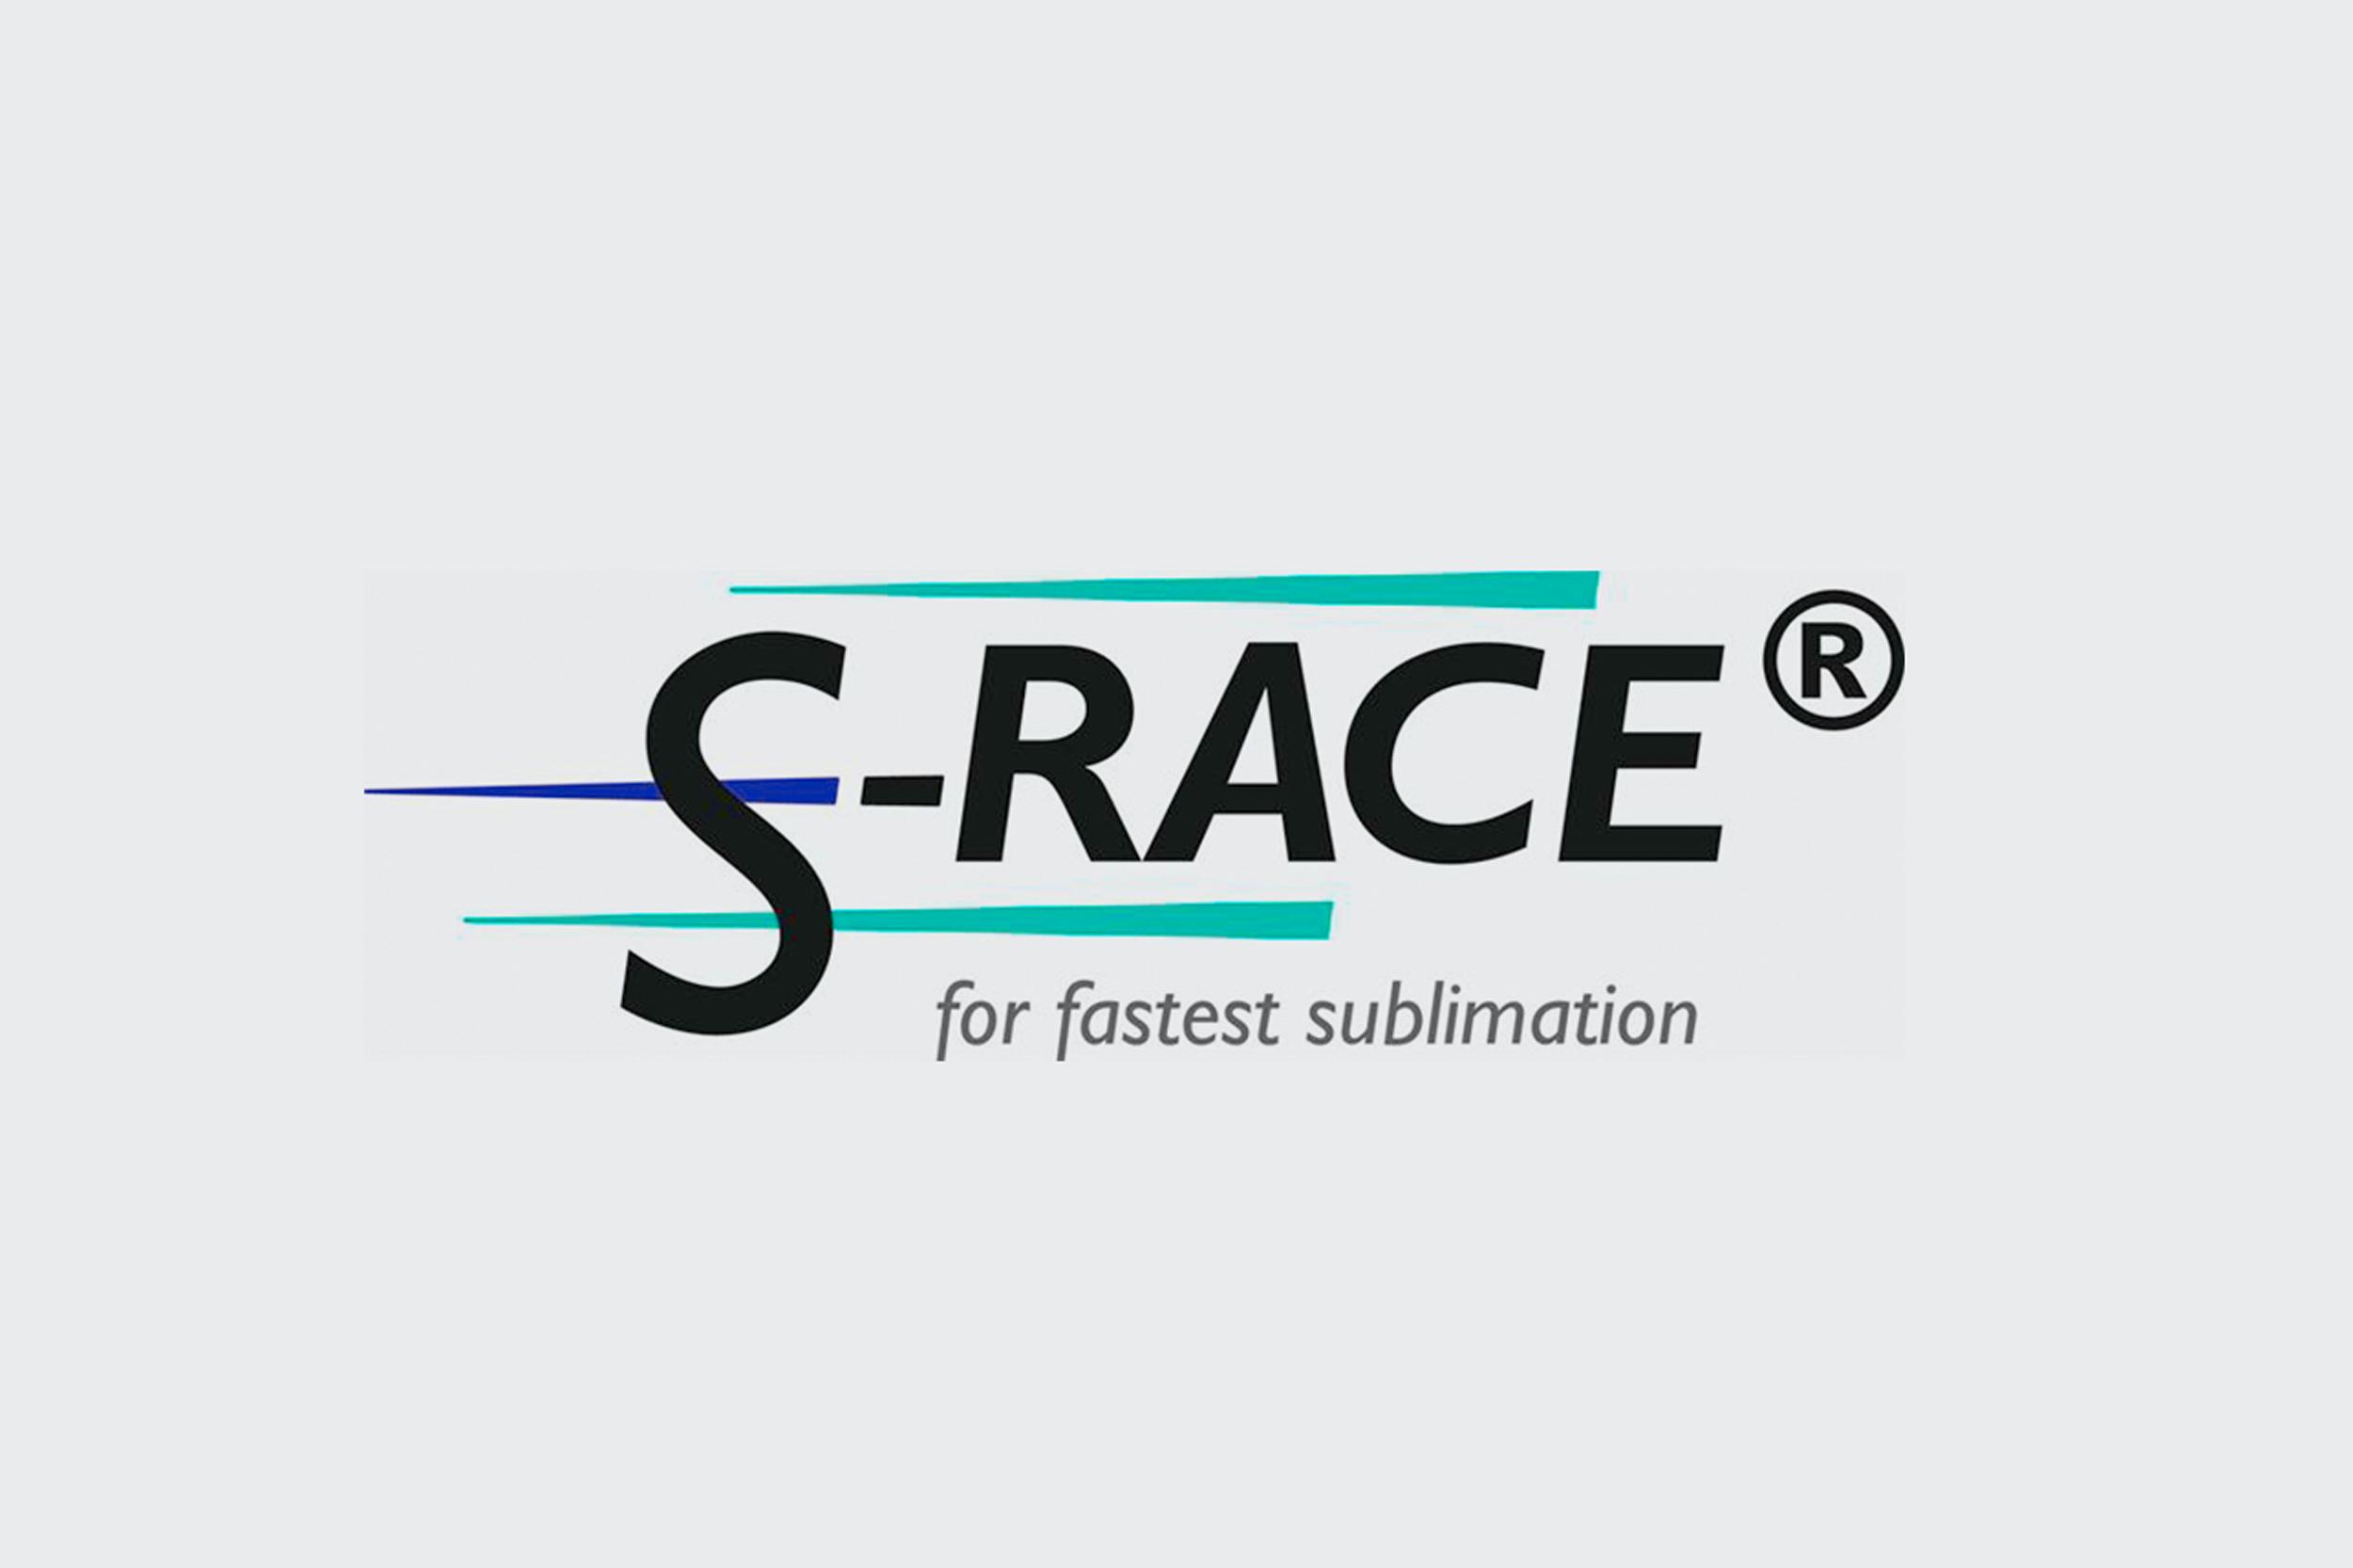 s-race logo